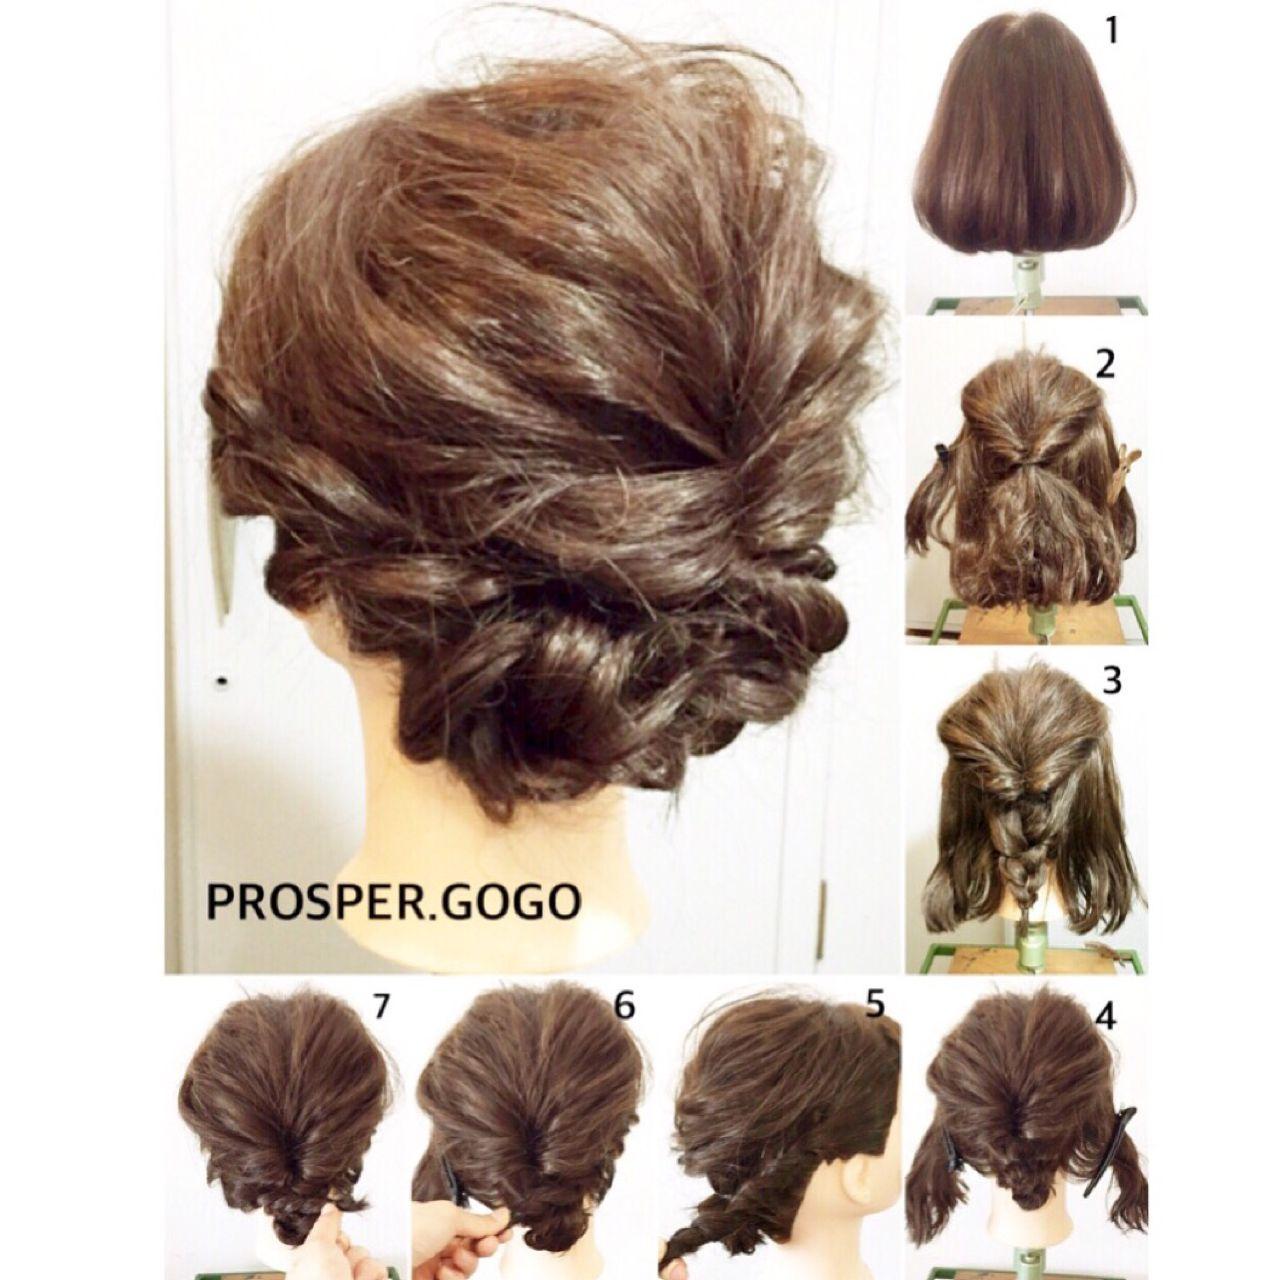 最新 簡単だけどおしゃれ 着物に似合う髪型10選 1900円